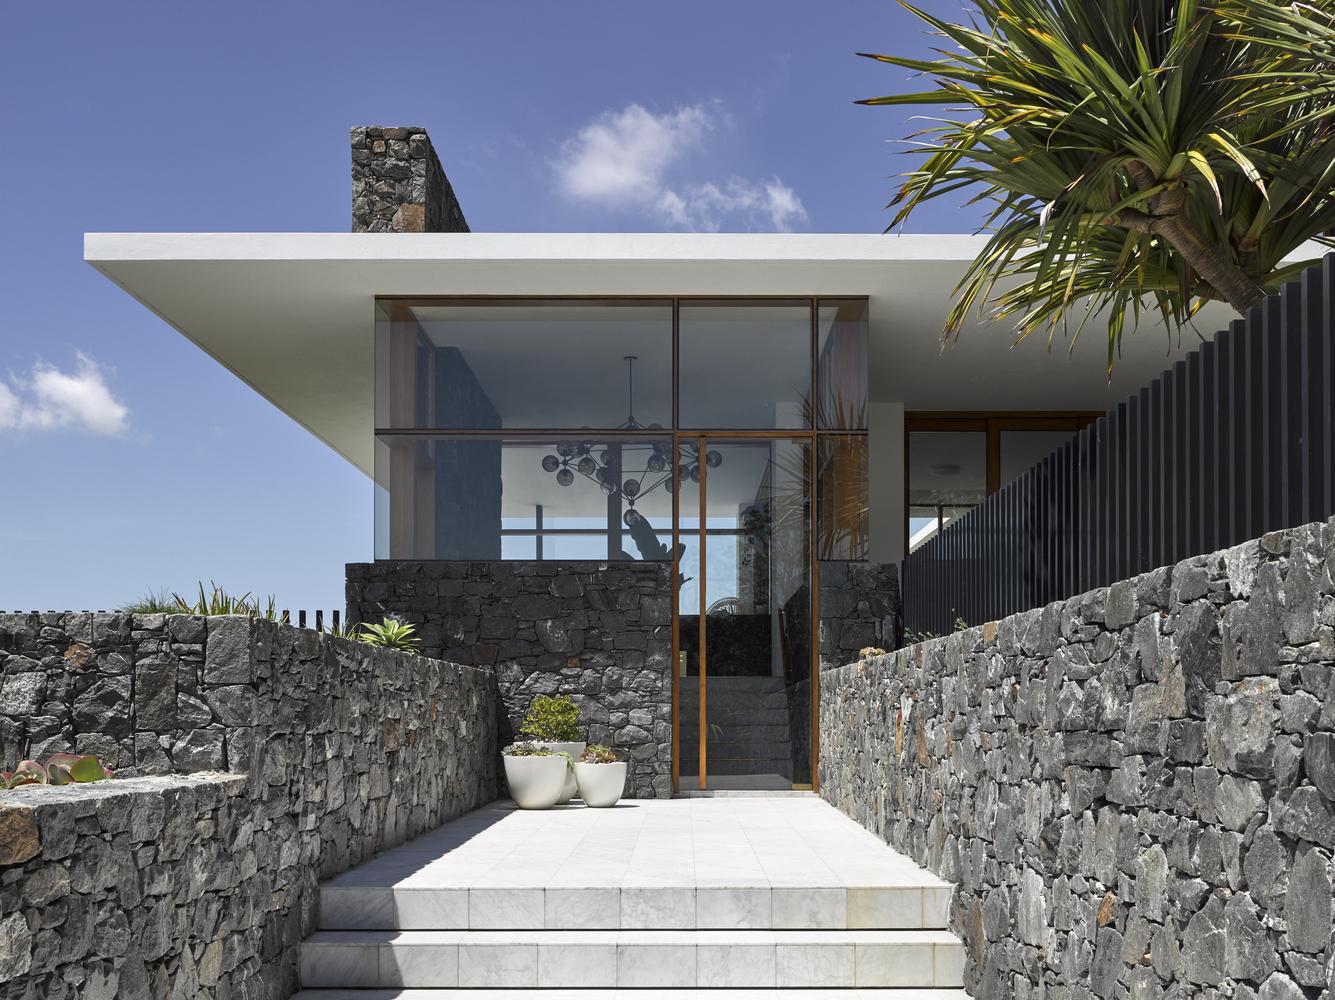 Nhà đẹp nước ngoài- Rocky house 2